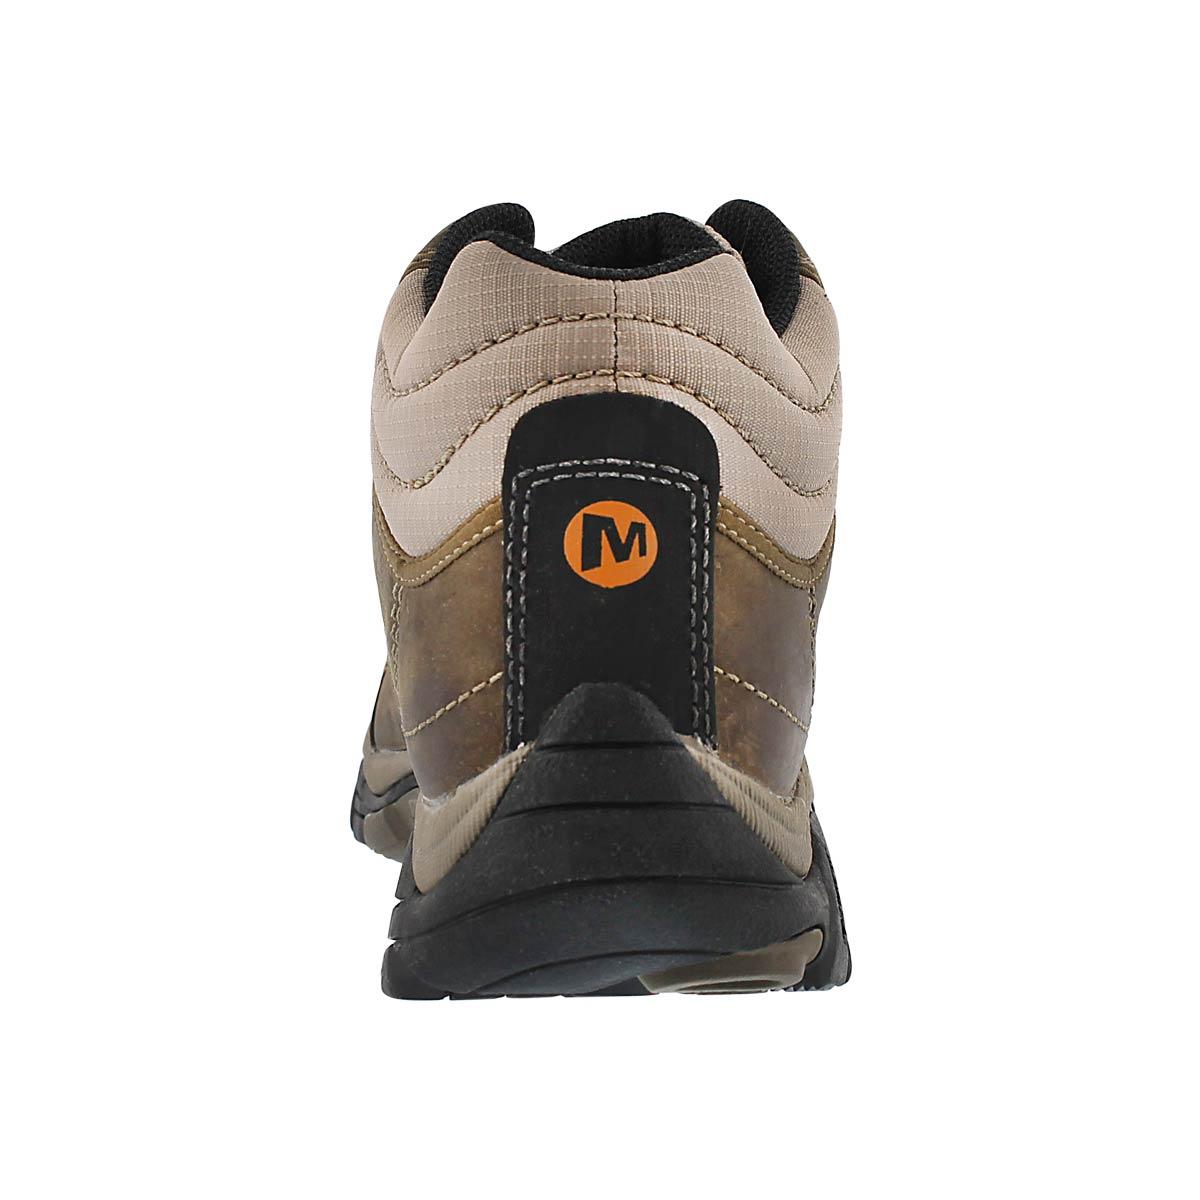 Chaussure rando Moab Rover Mid, brn, hom